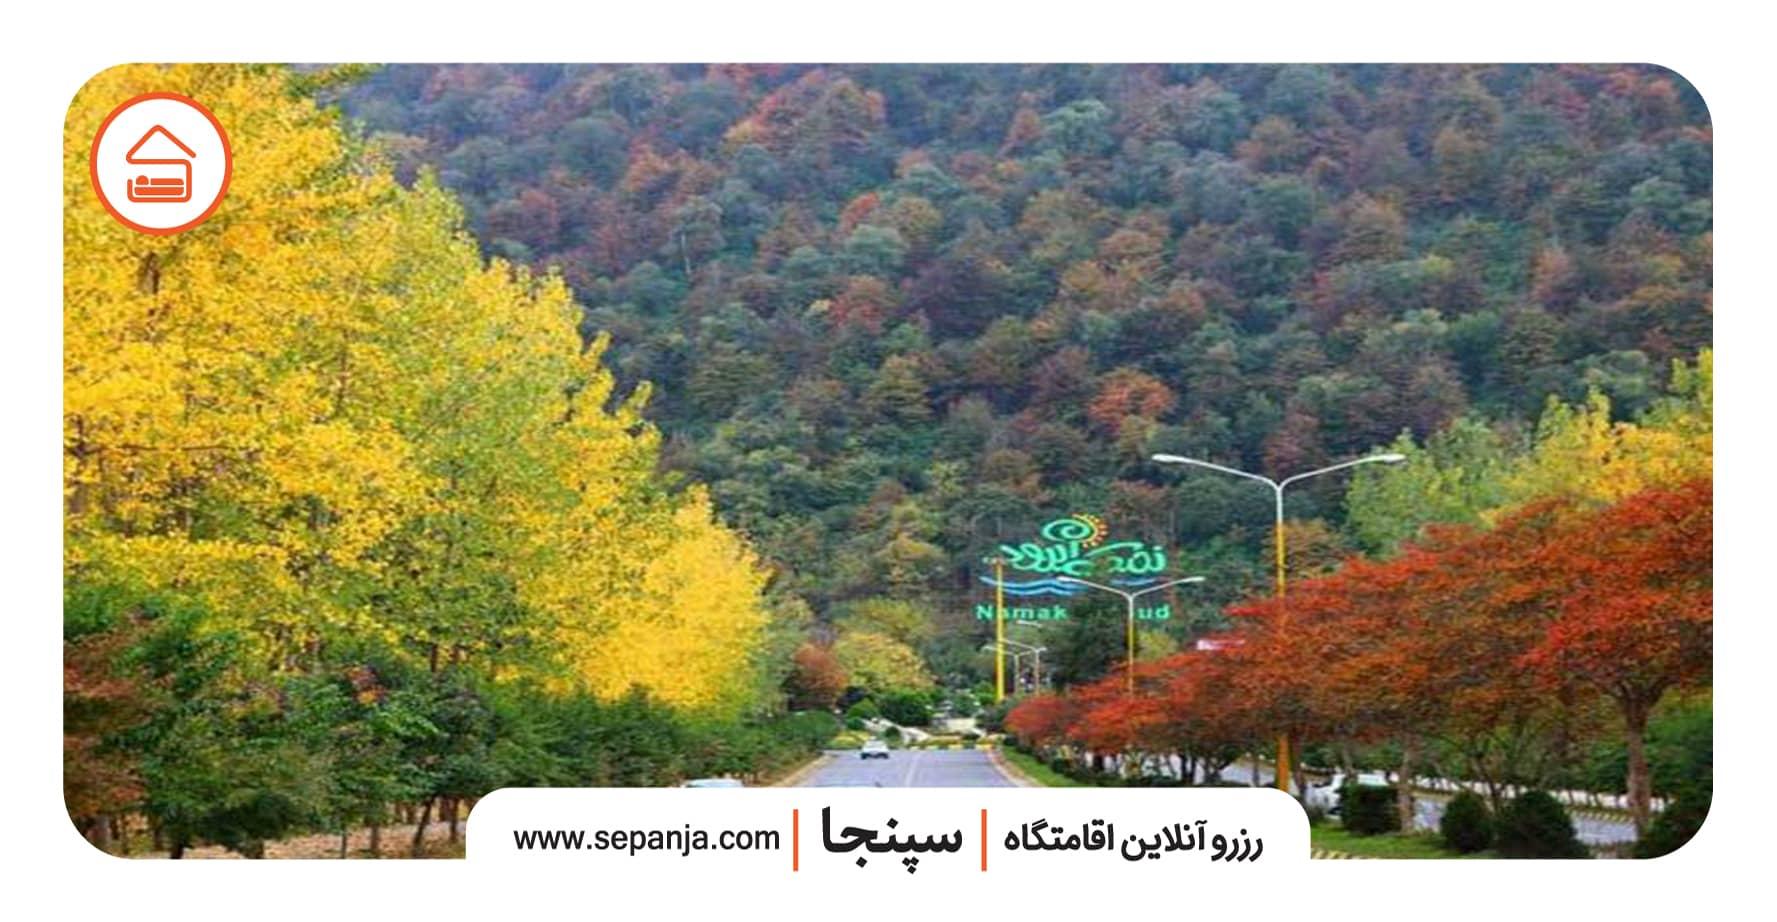 نمایی از شهرک و تله کابین نمک آبرود